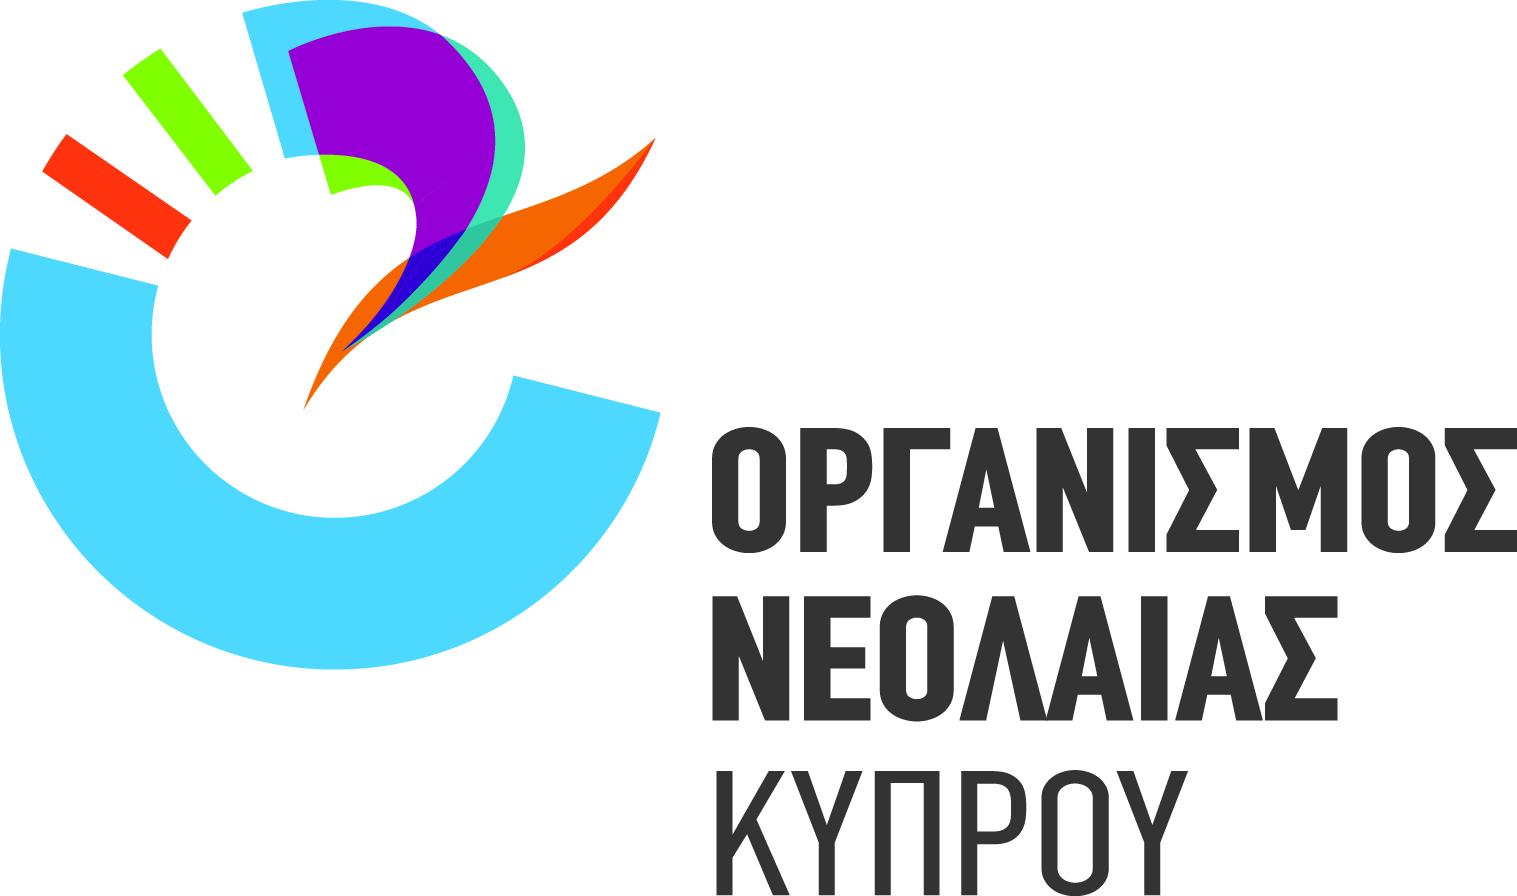 Κύπρος: Το 85% των νέων θεωρεί ότι οι πολιτικοί νοιάζονται μόνο για τις καρέκλες